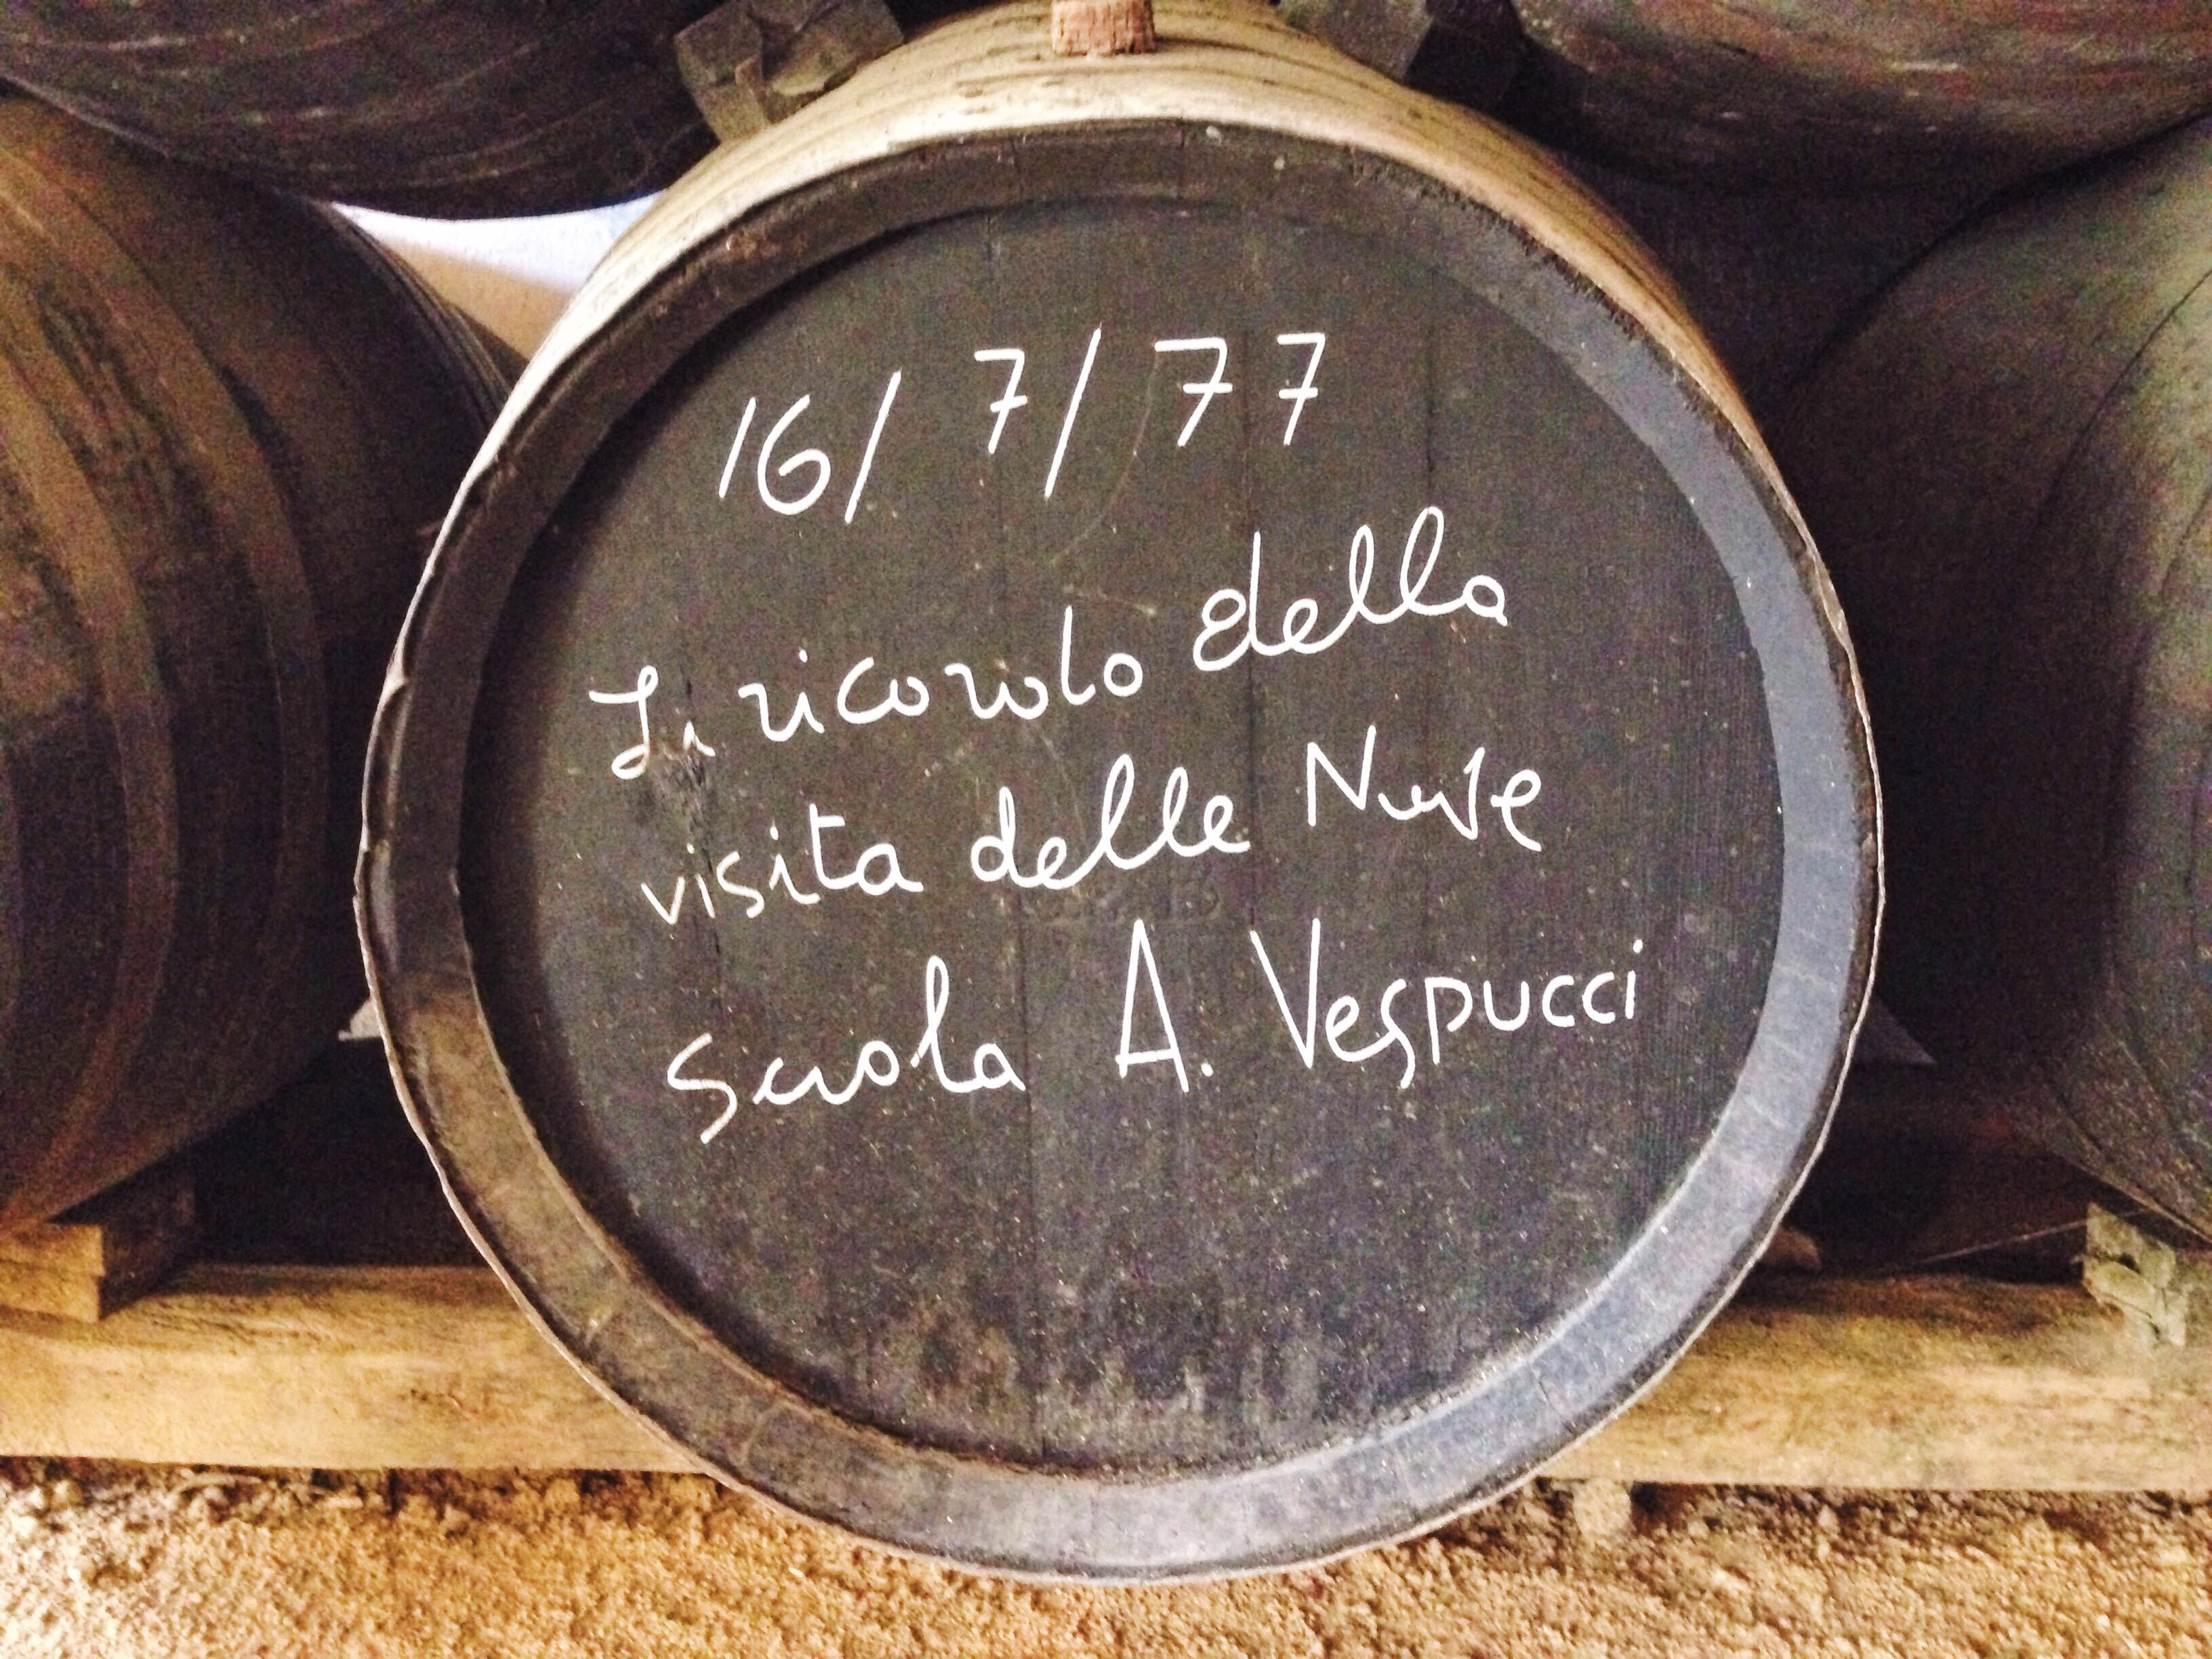 Una gita, di quasi trent'anni fa, impressa nel vino di Jerez